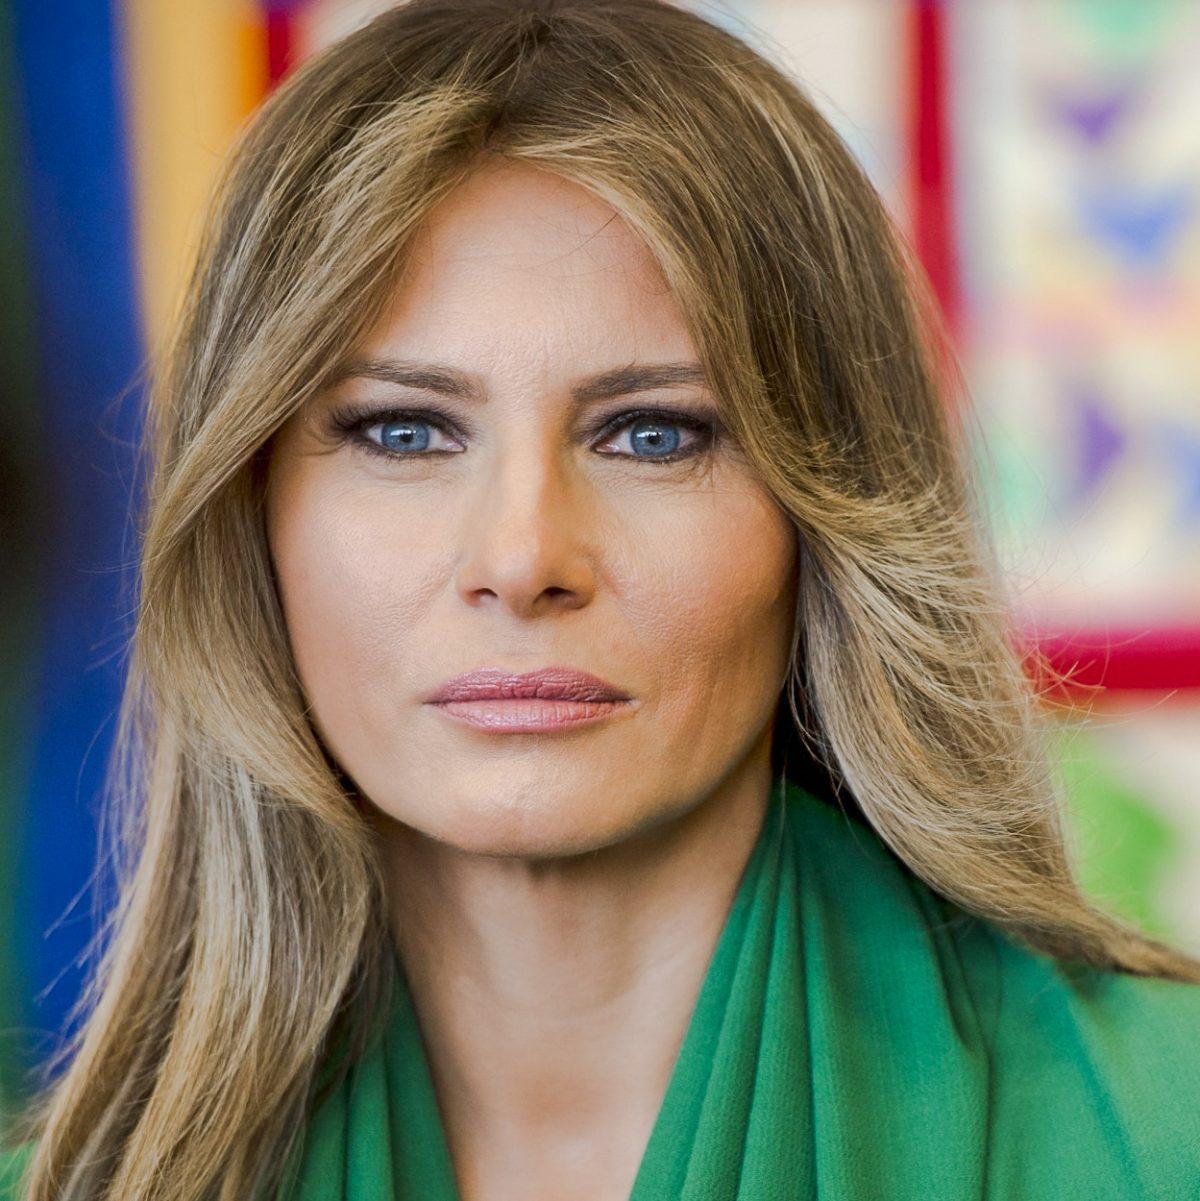 Melania Trump's cat-like eyes